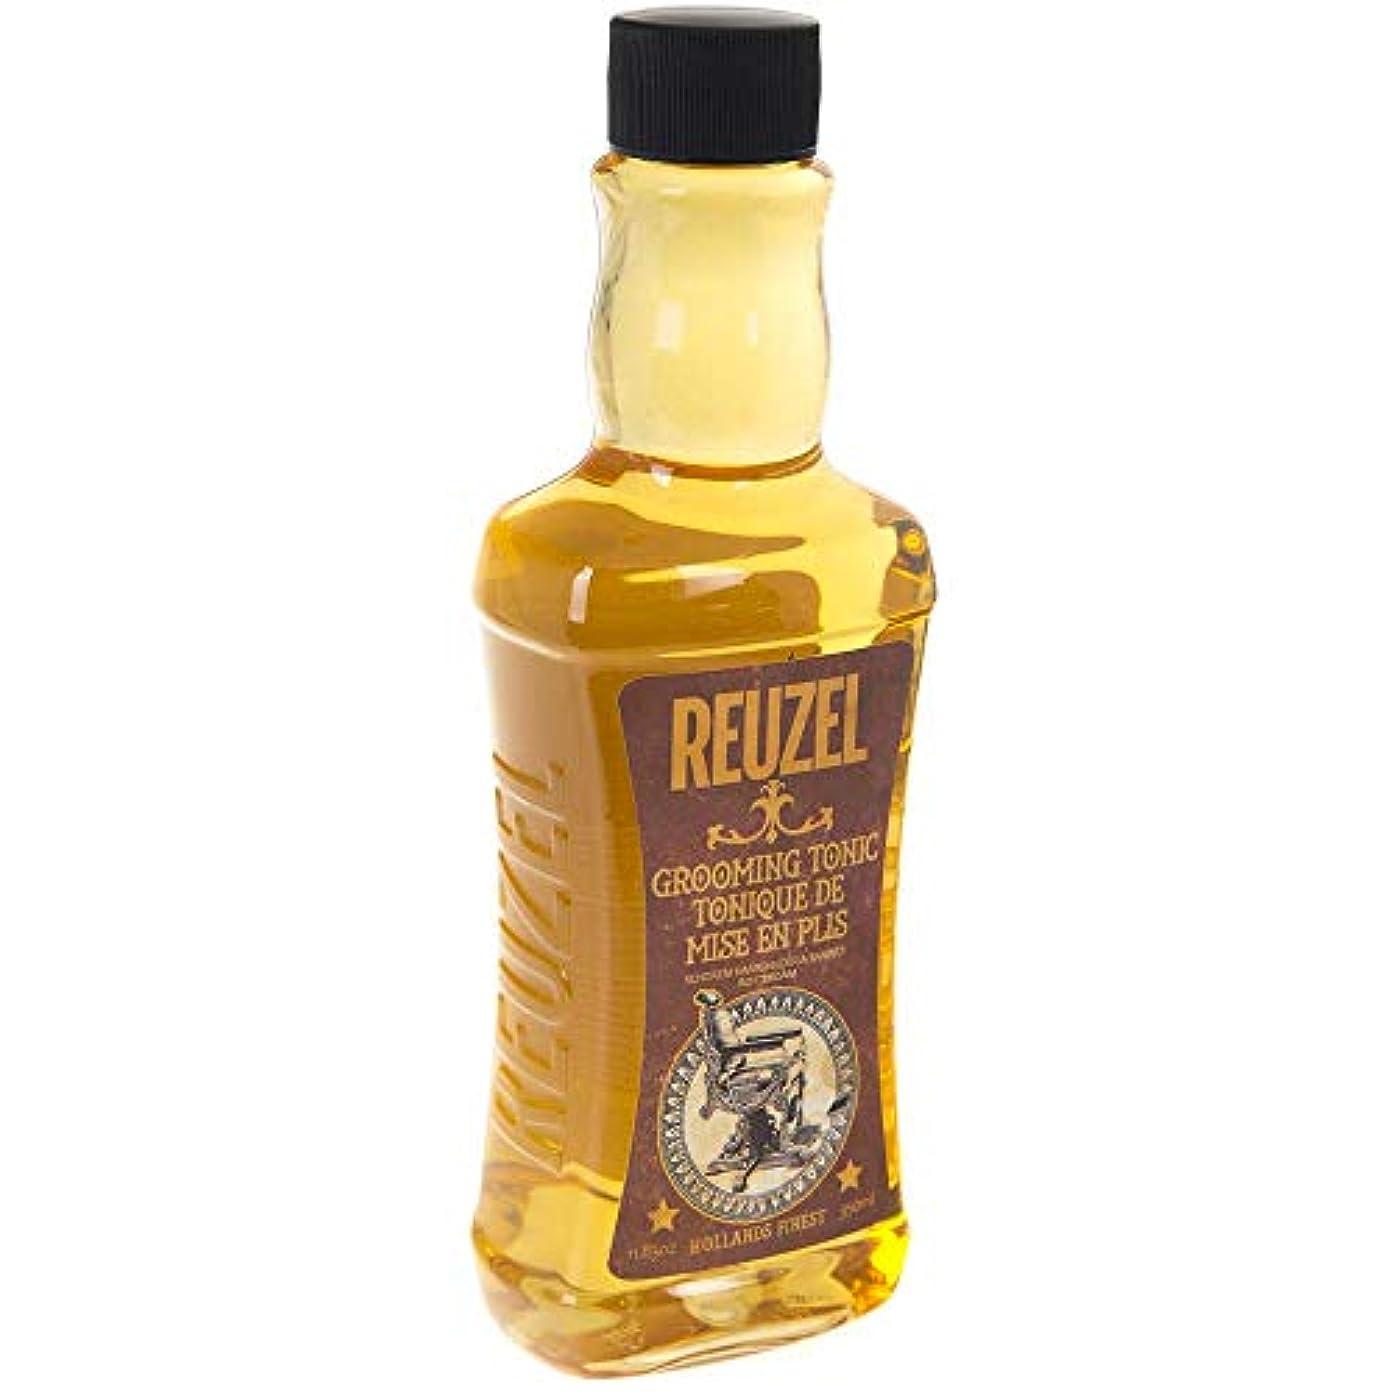 ジーンズオン不名誉ルーゾー グルーミング トニック Reuzel Grooming Tonic 350 ml [並行輸入品]